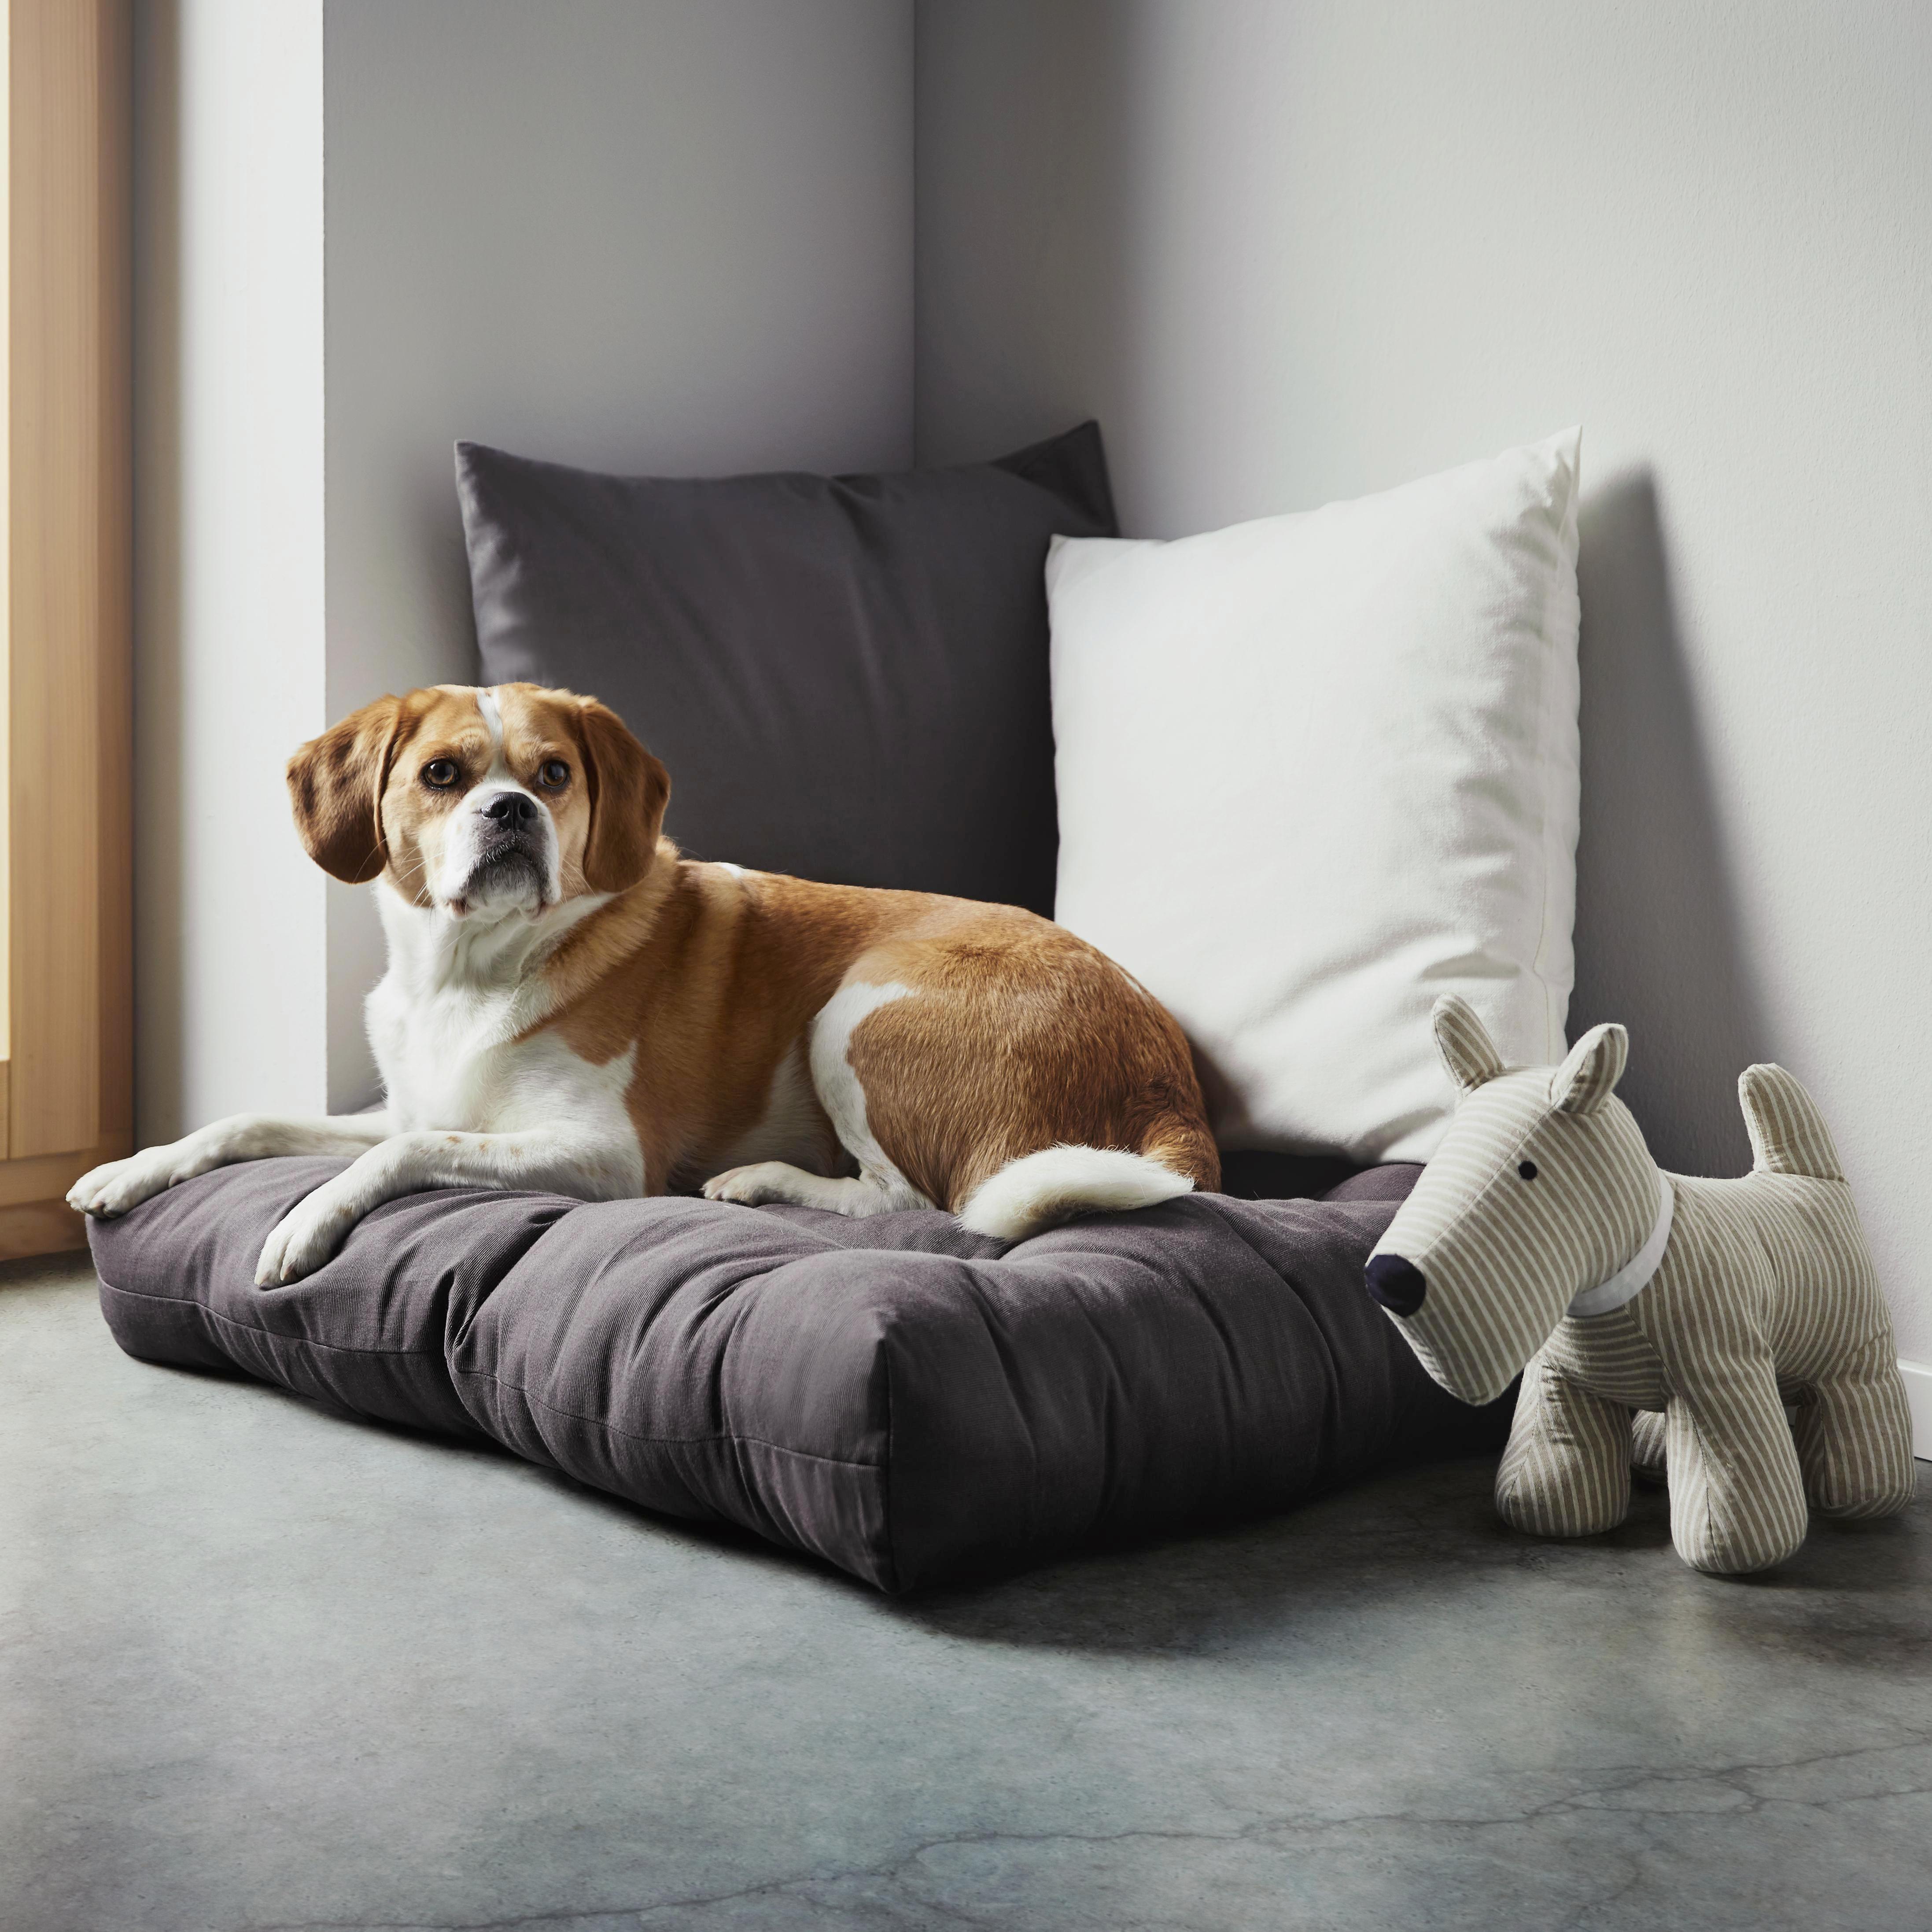 Zierkissen Bigmex in Weiß, ca. 60x60cm - Weiß, Textil (65/65cm) - MÖMAX modern living